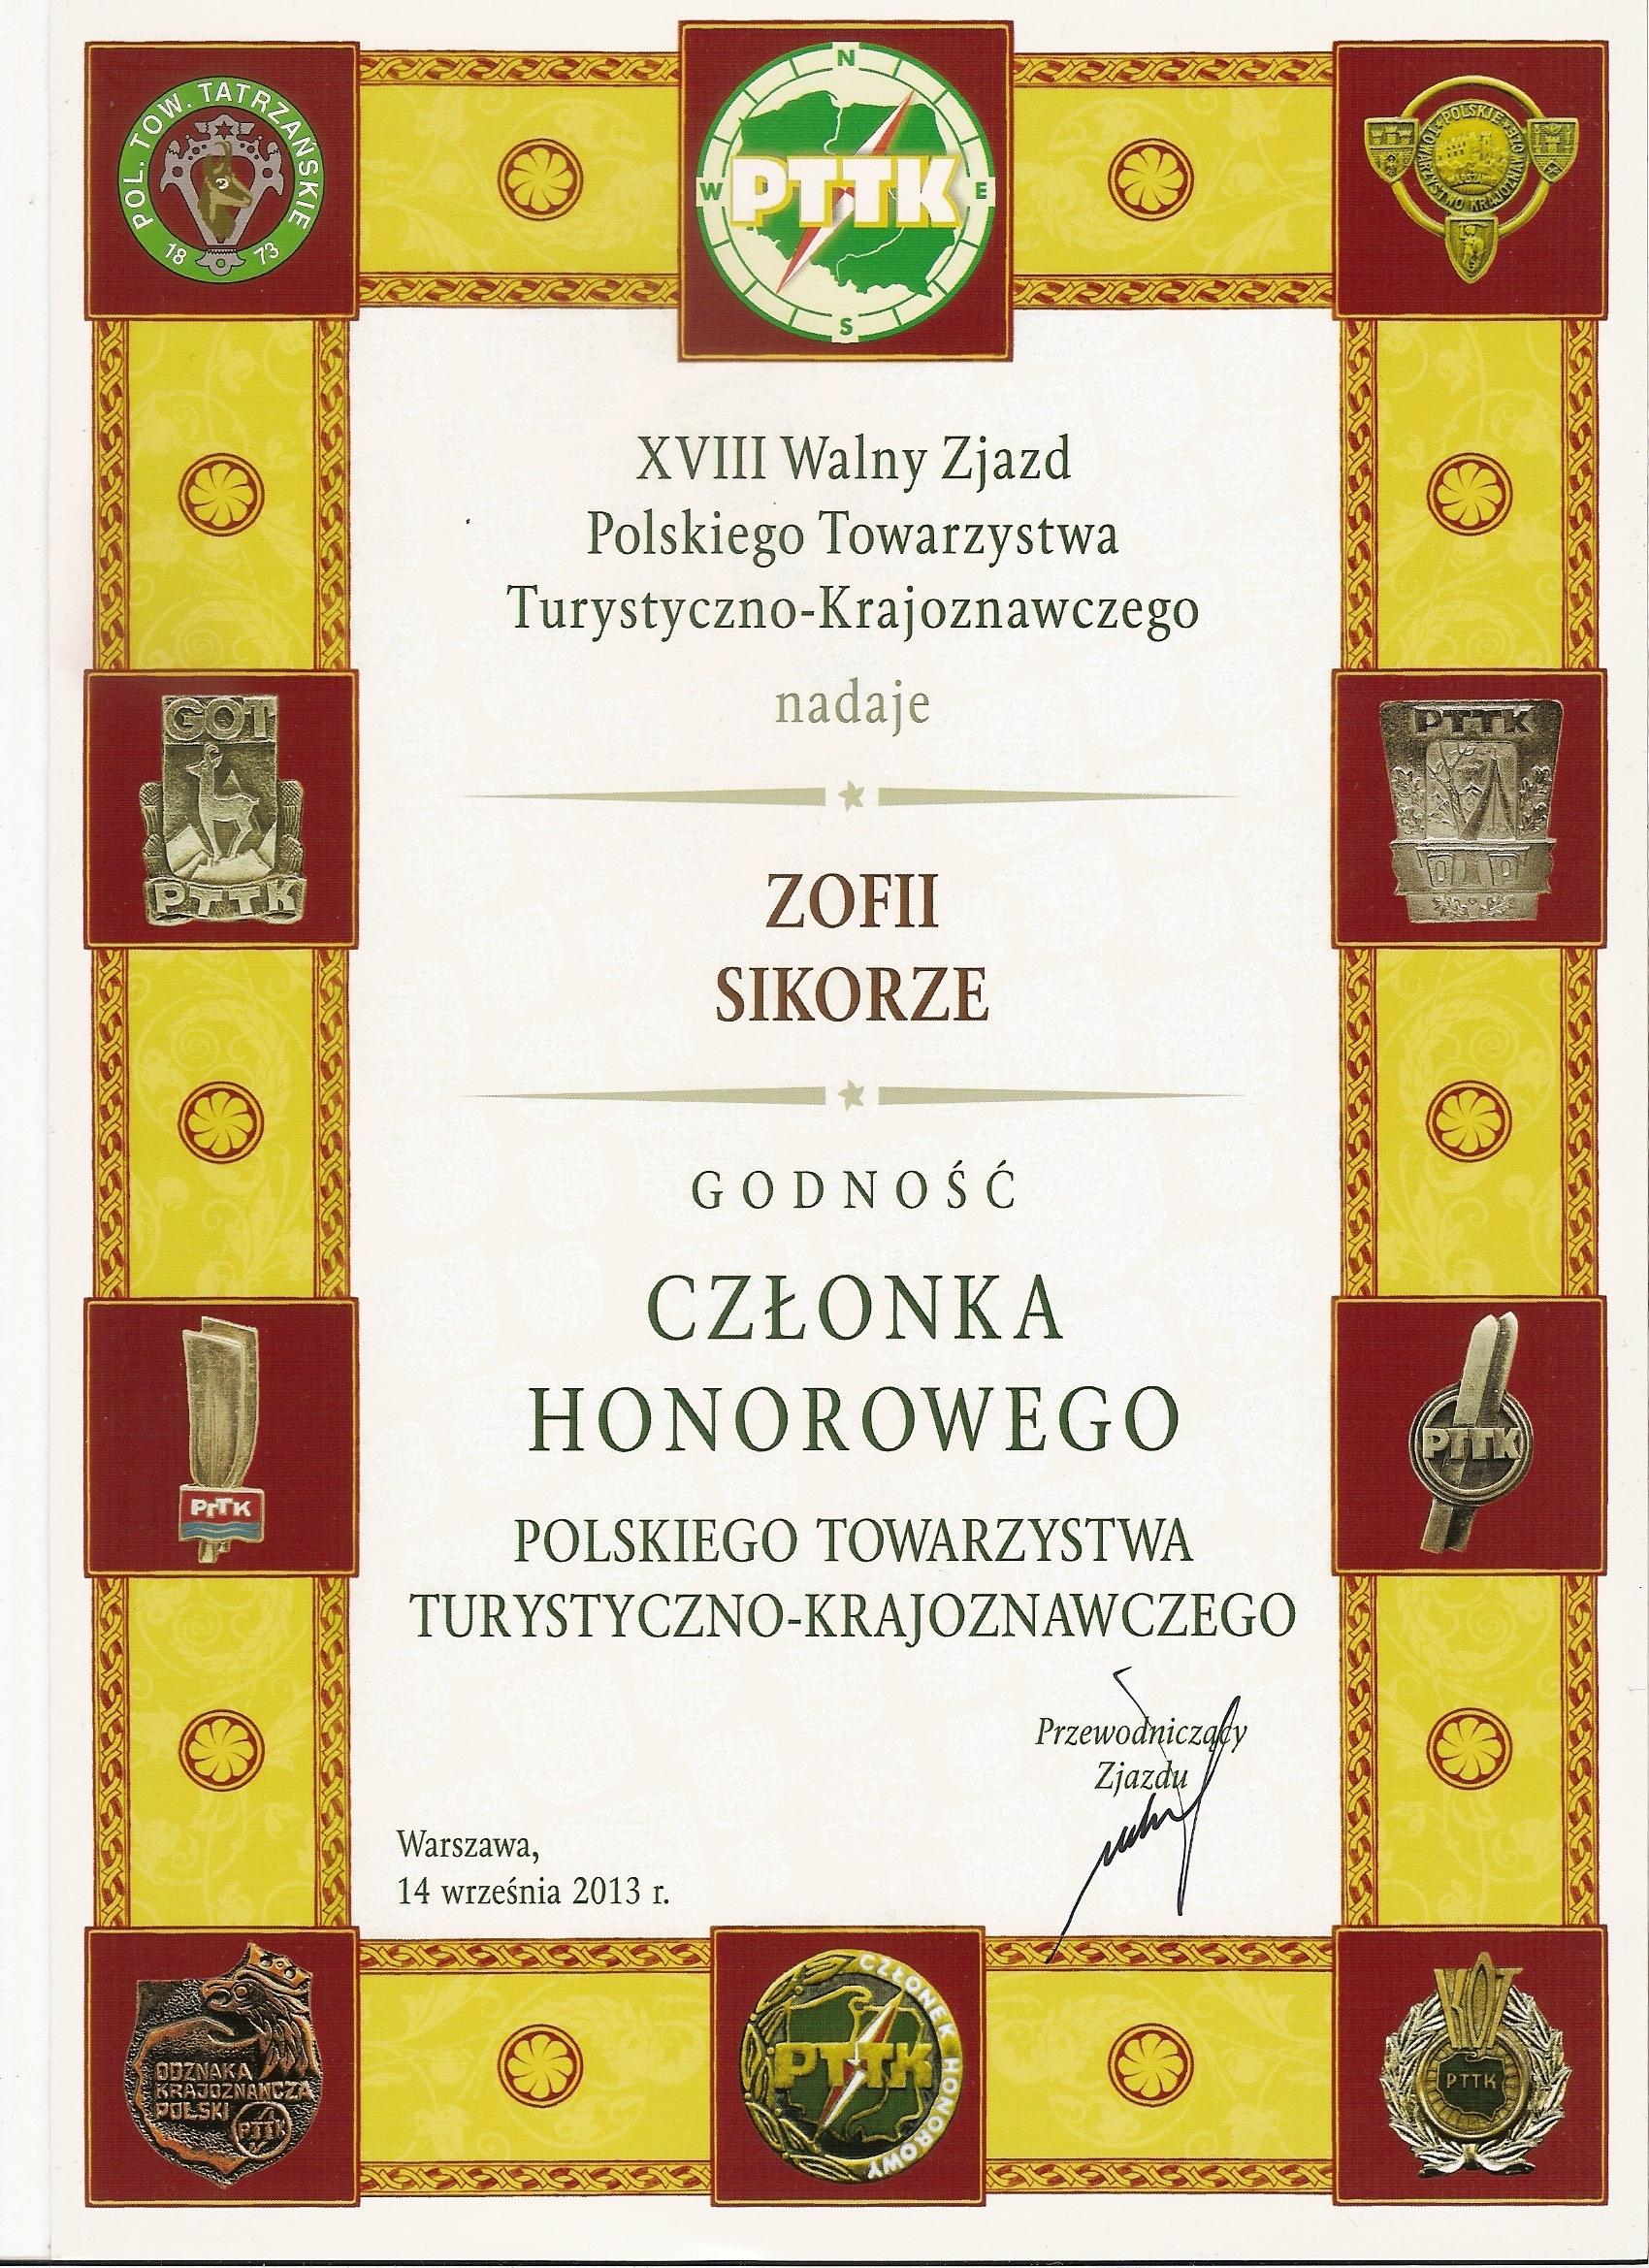 Zofia Sikora – Członek Honorowy PTTK